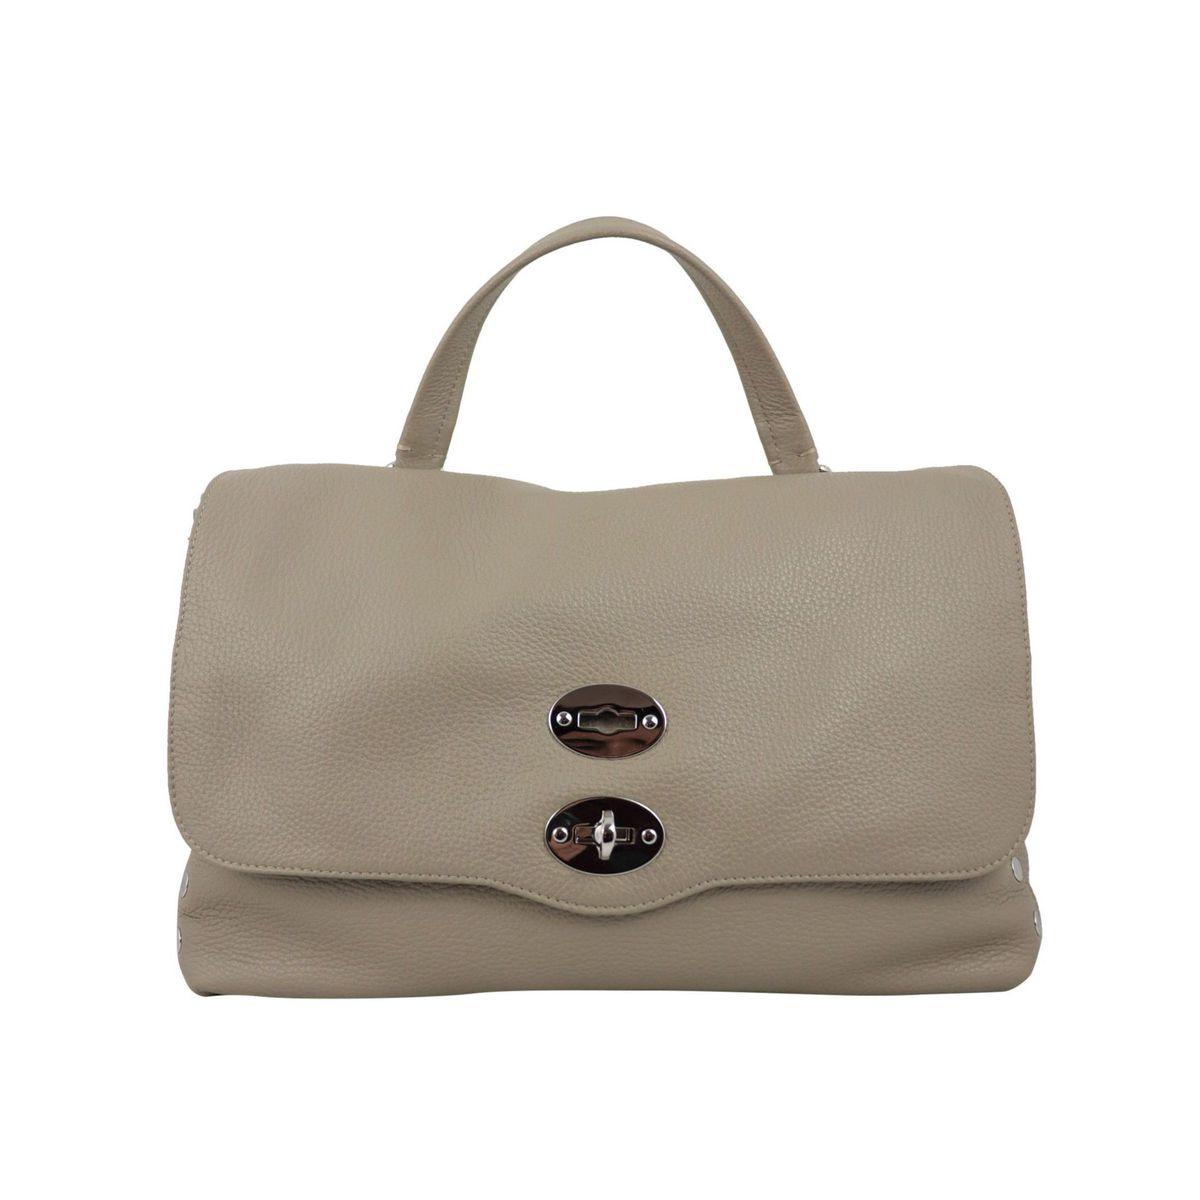 Postina M Daily bag in grained leather Crete Zanellato